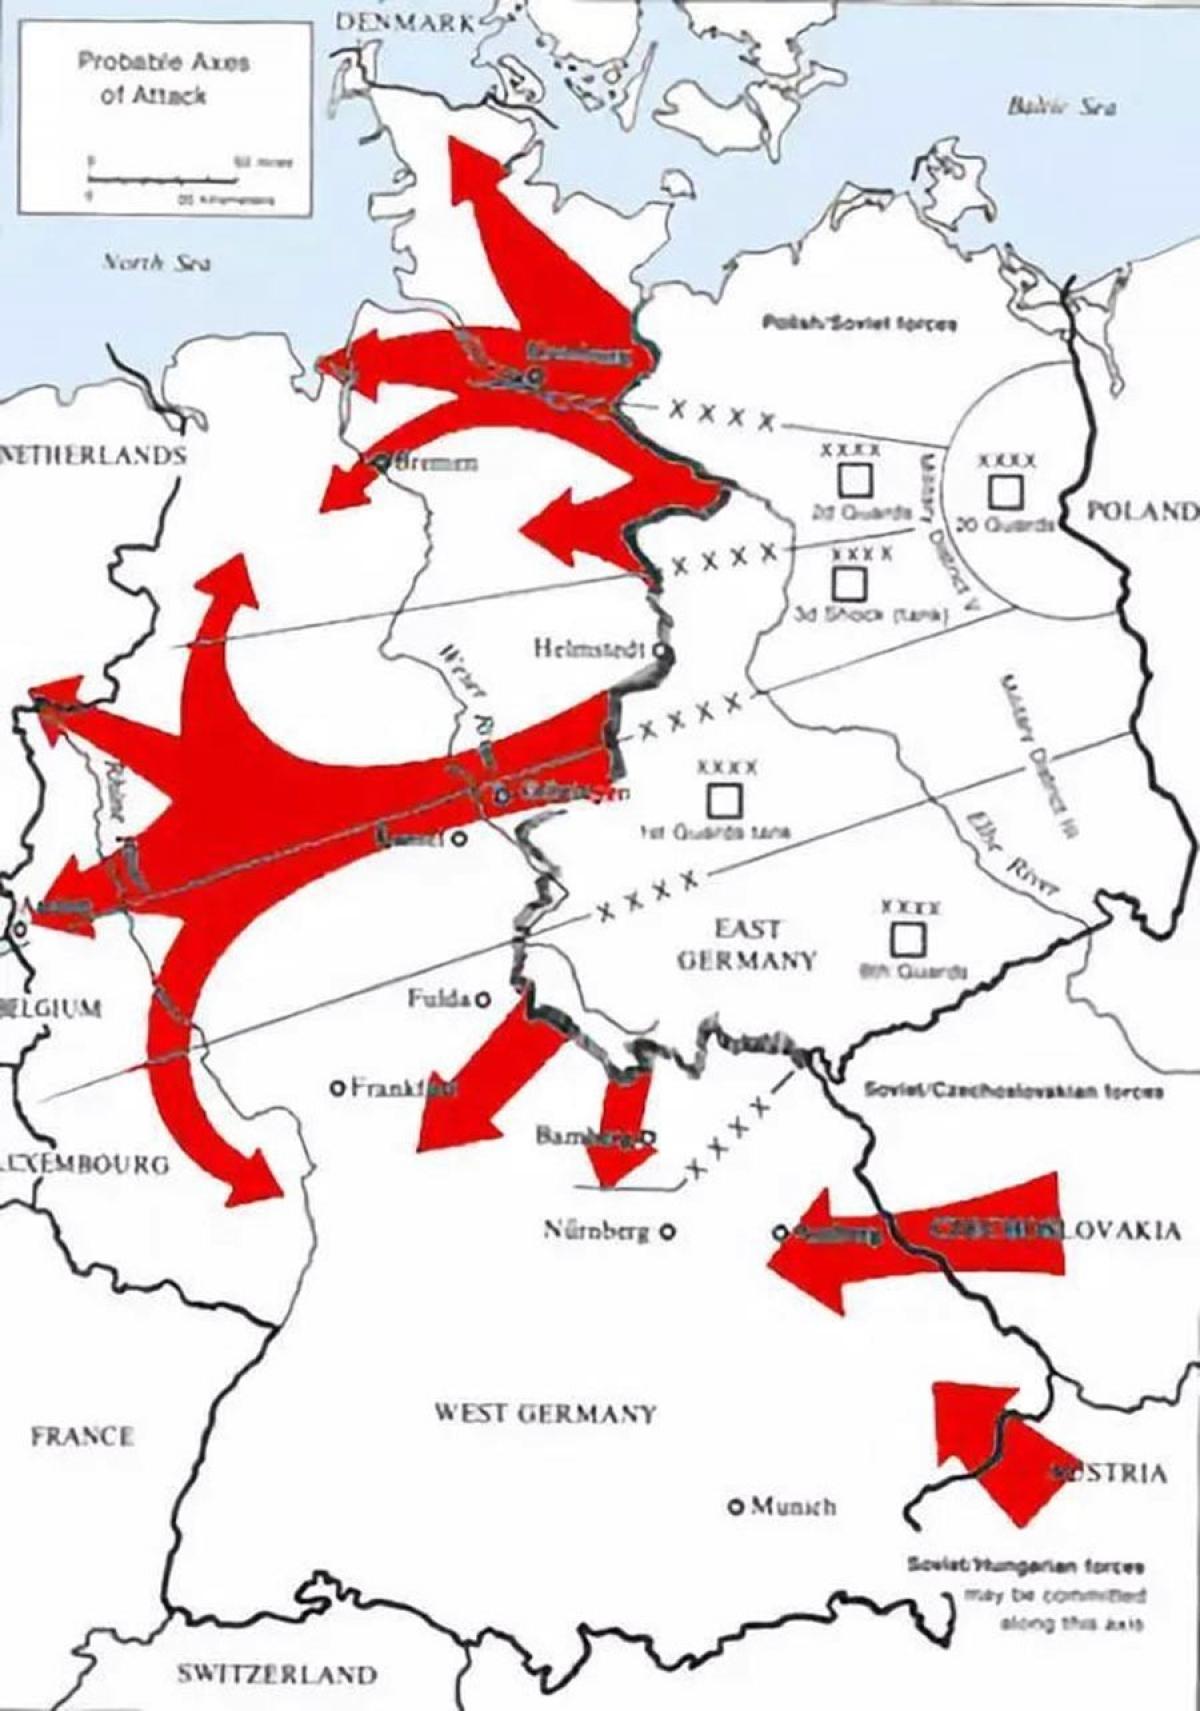 Kế hoạch của Liên Xô tấn công NATO. Ảnh: Public domain,